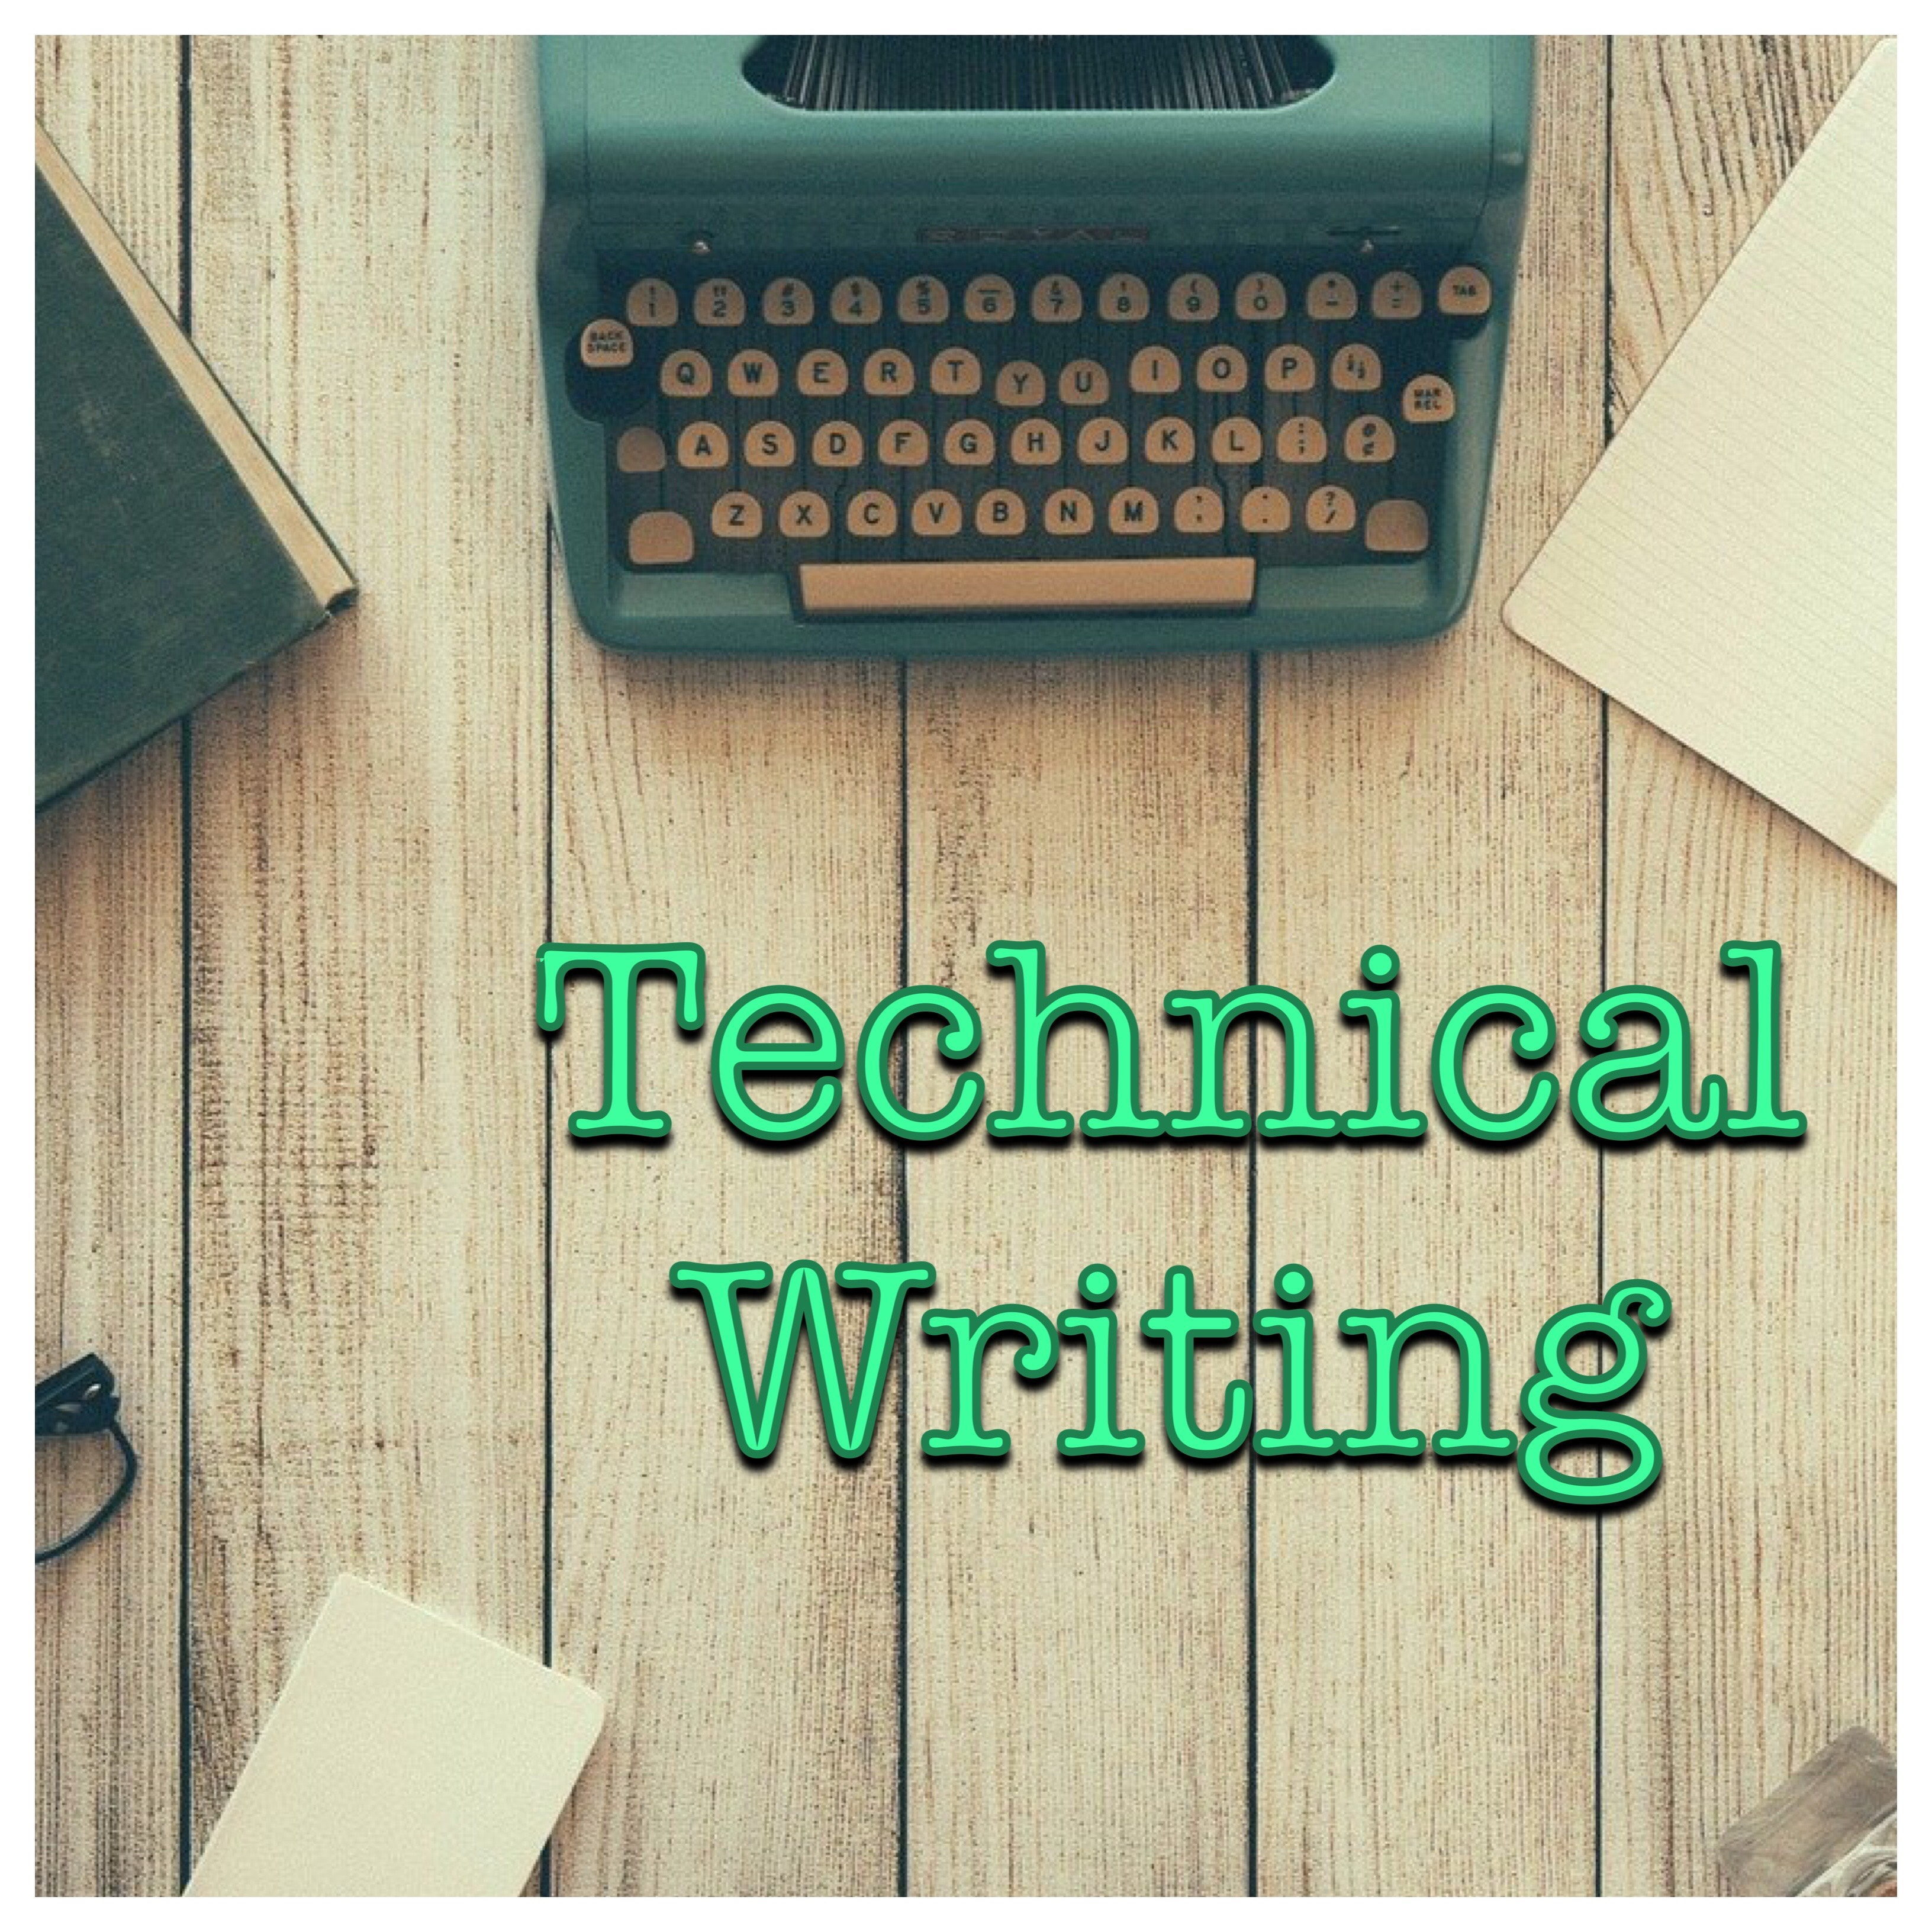 Technical Writing Logo (Typewriter)